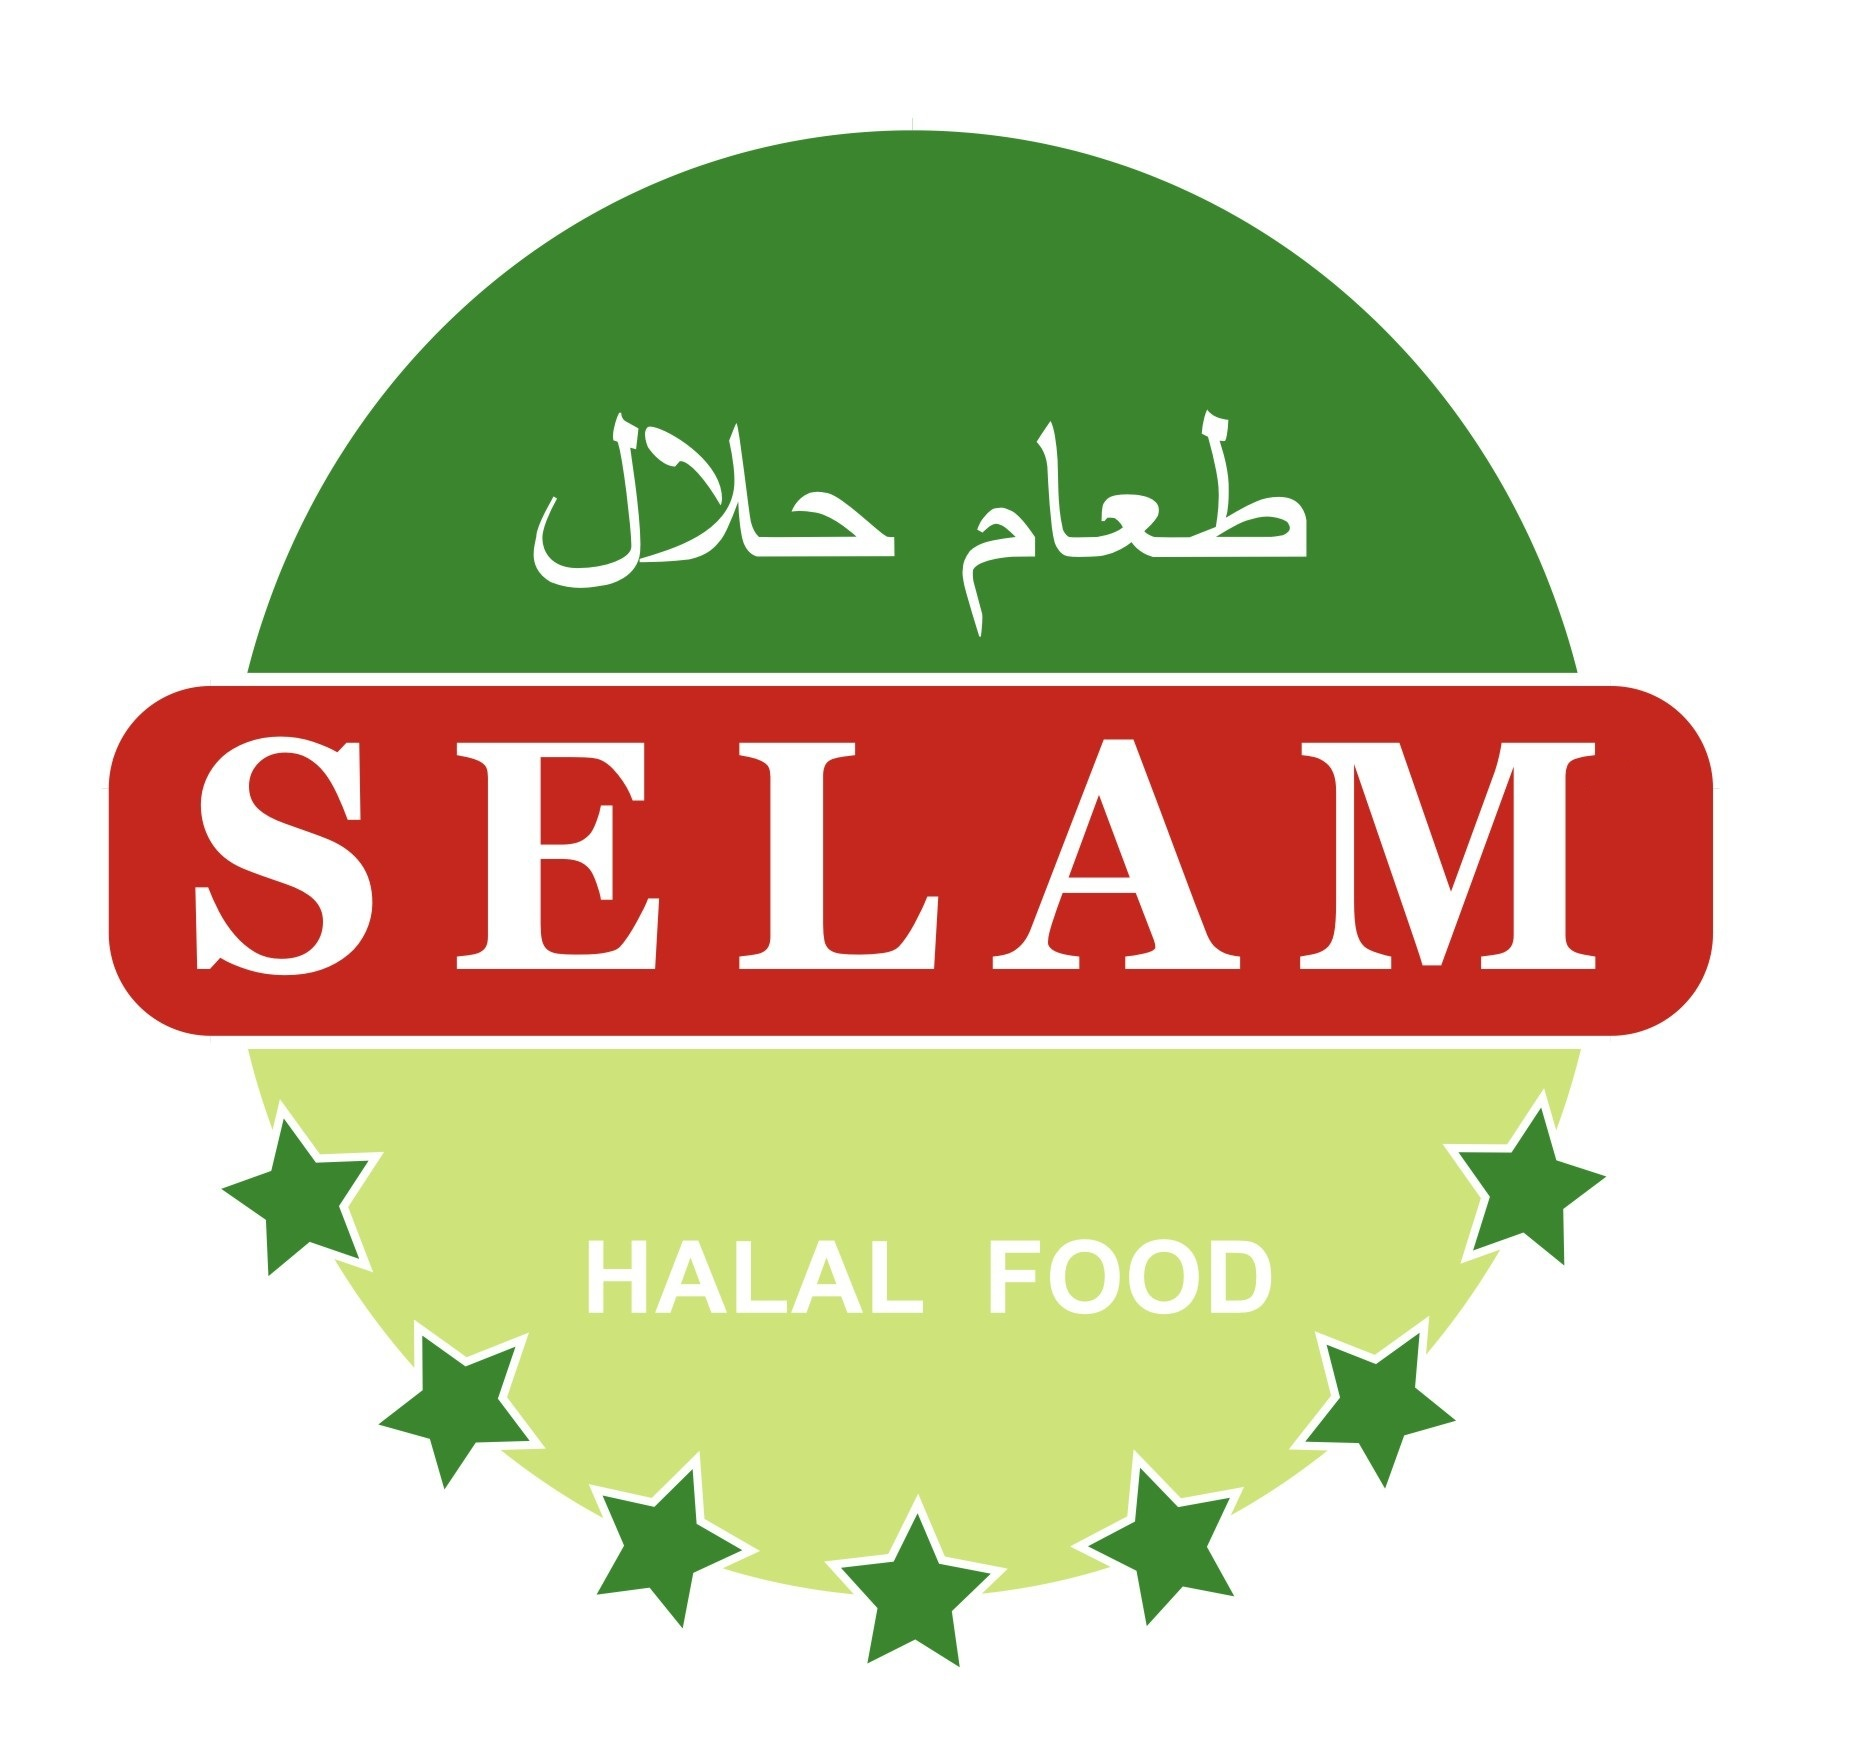 Selam Halal Food